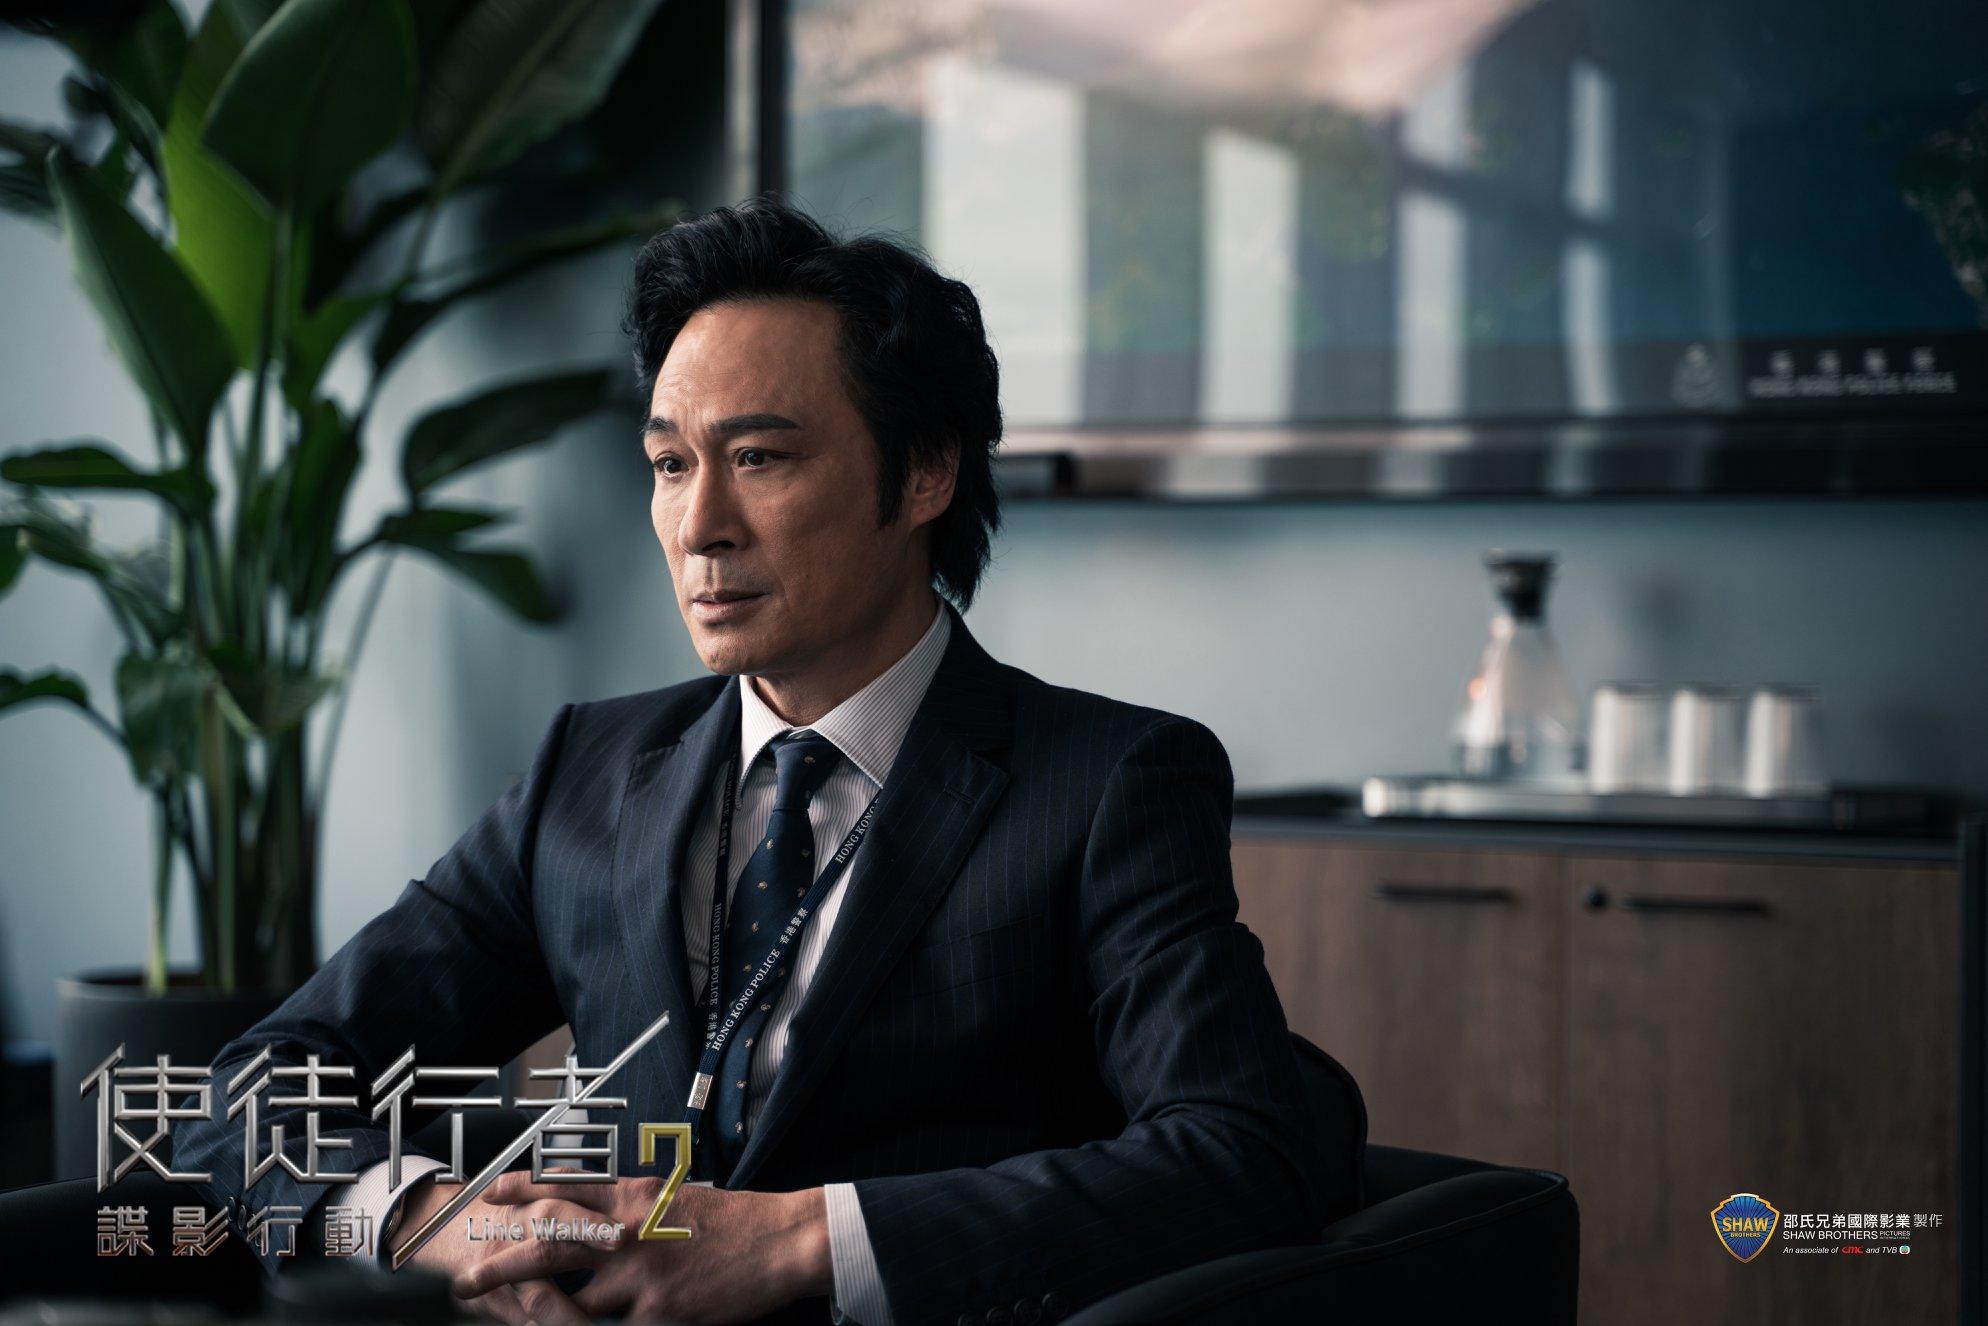 電影劇照[使徒行者2] 吳鎮宇